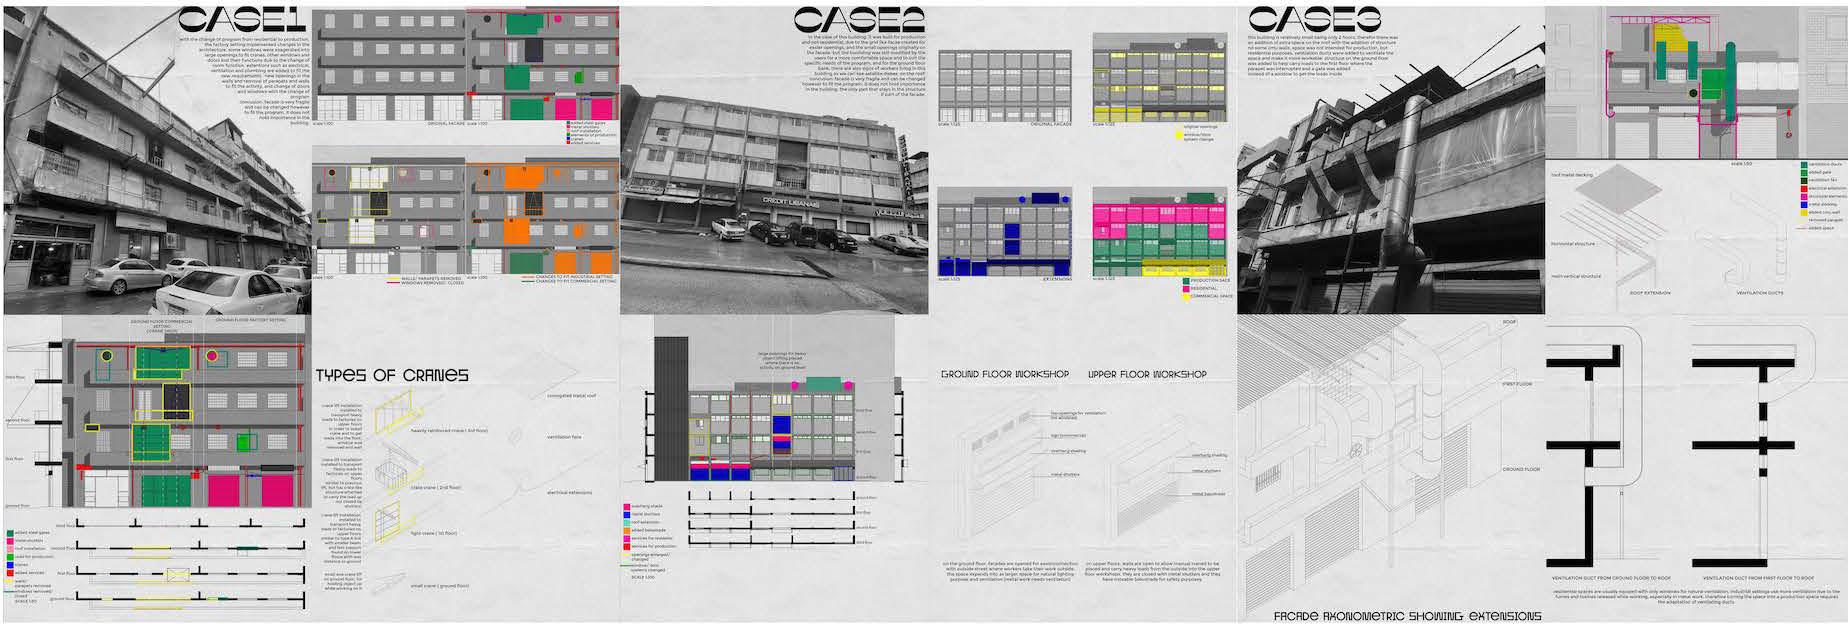 01 Site analysis